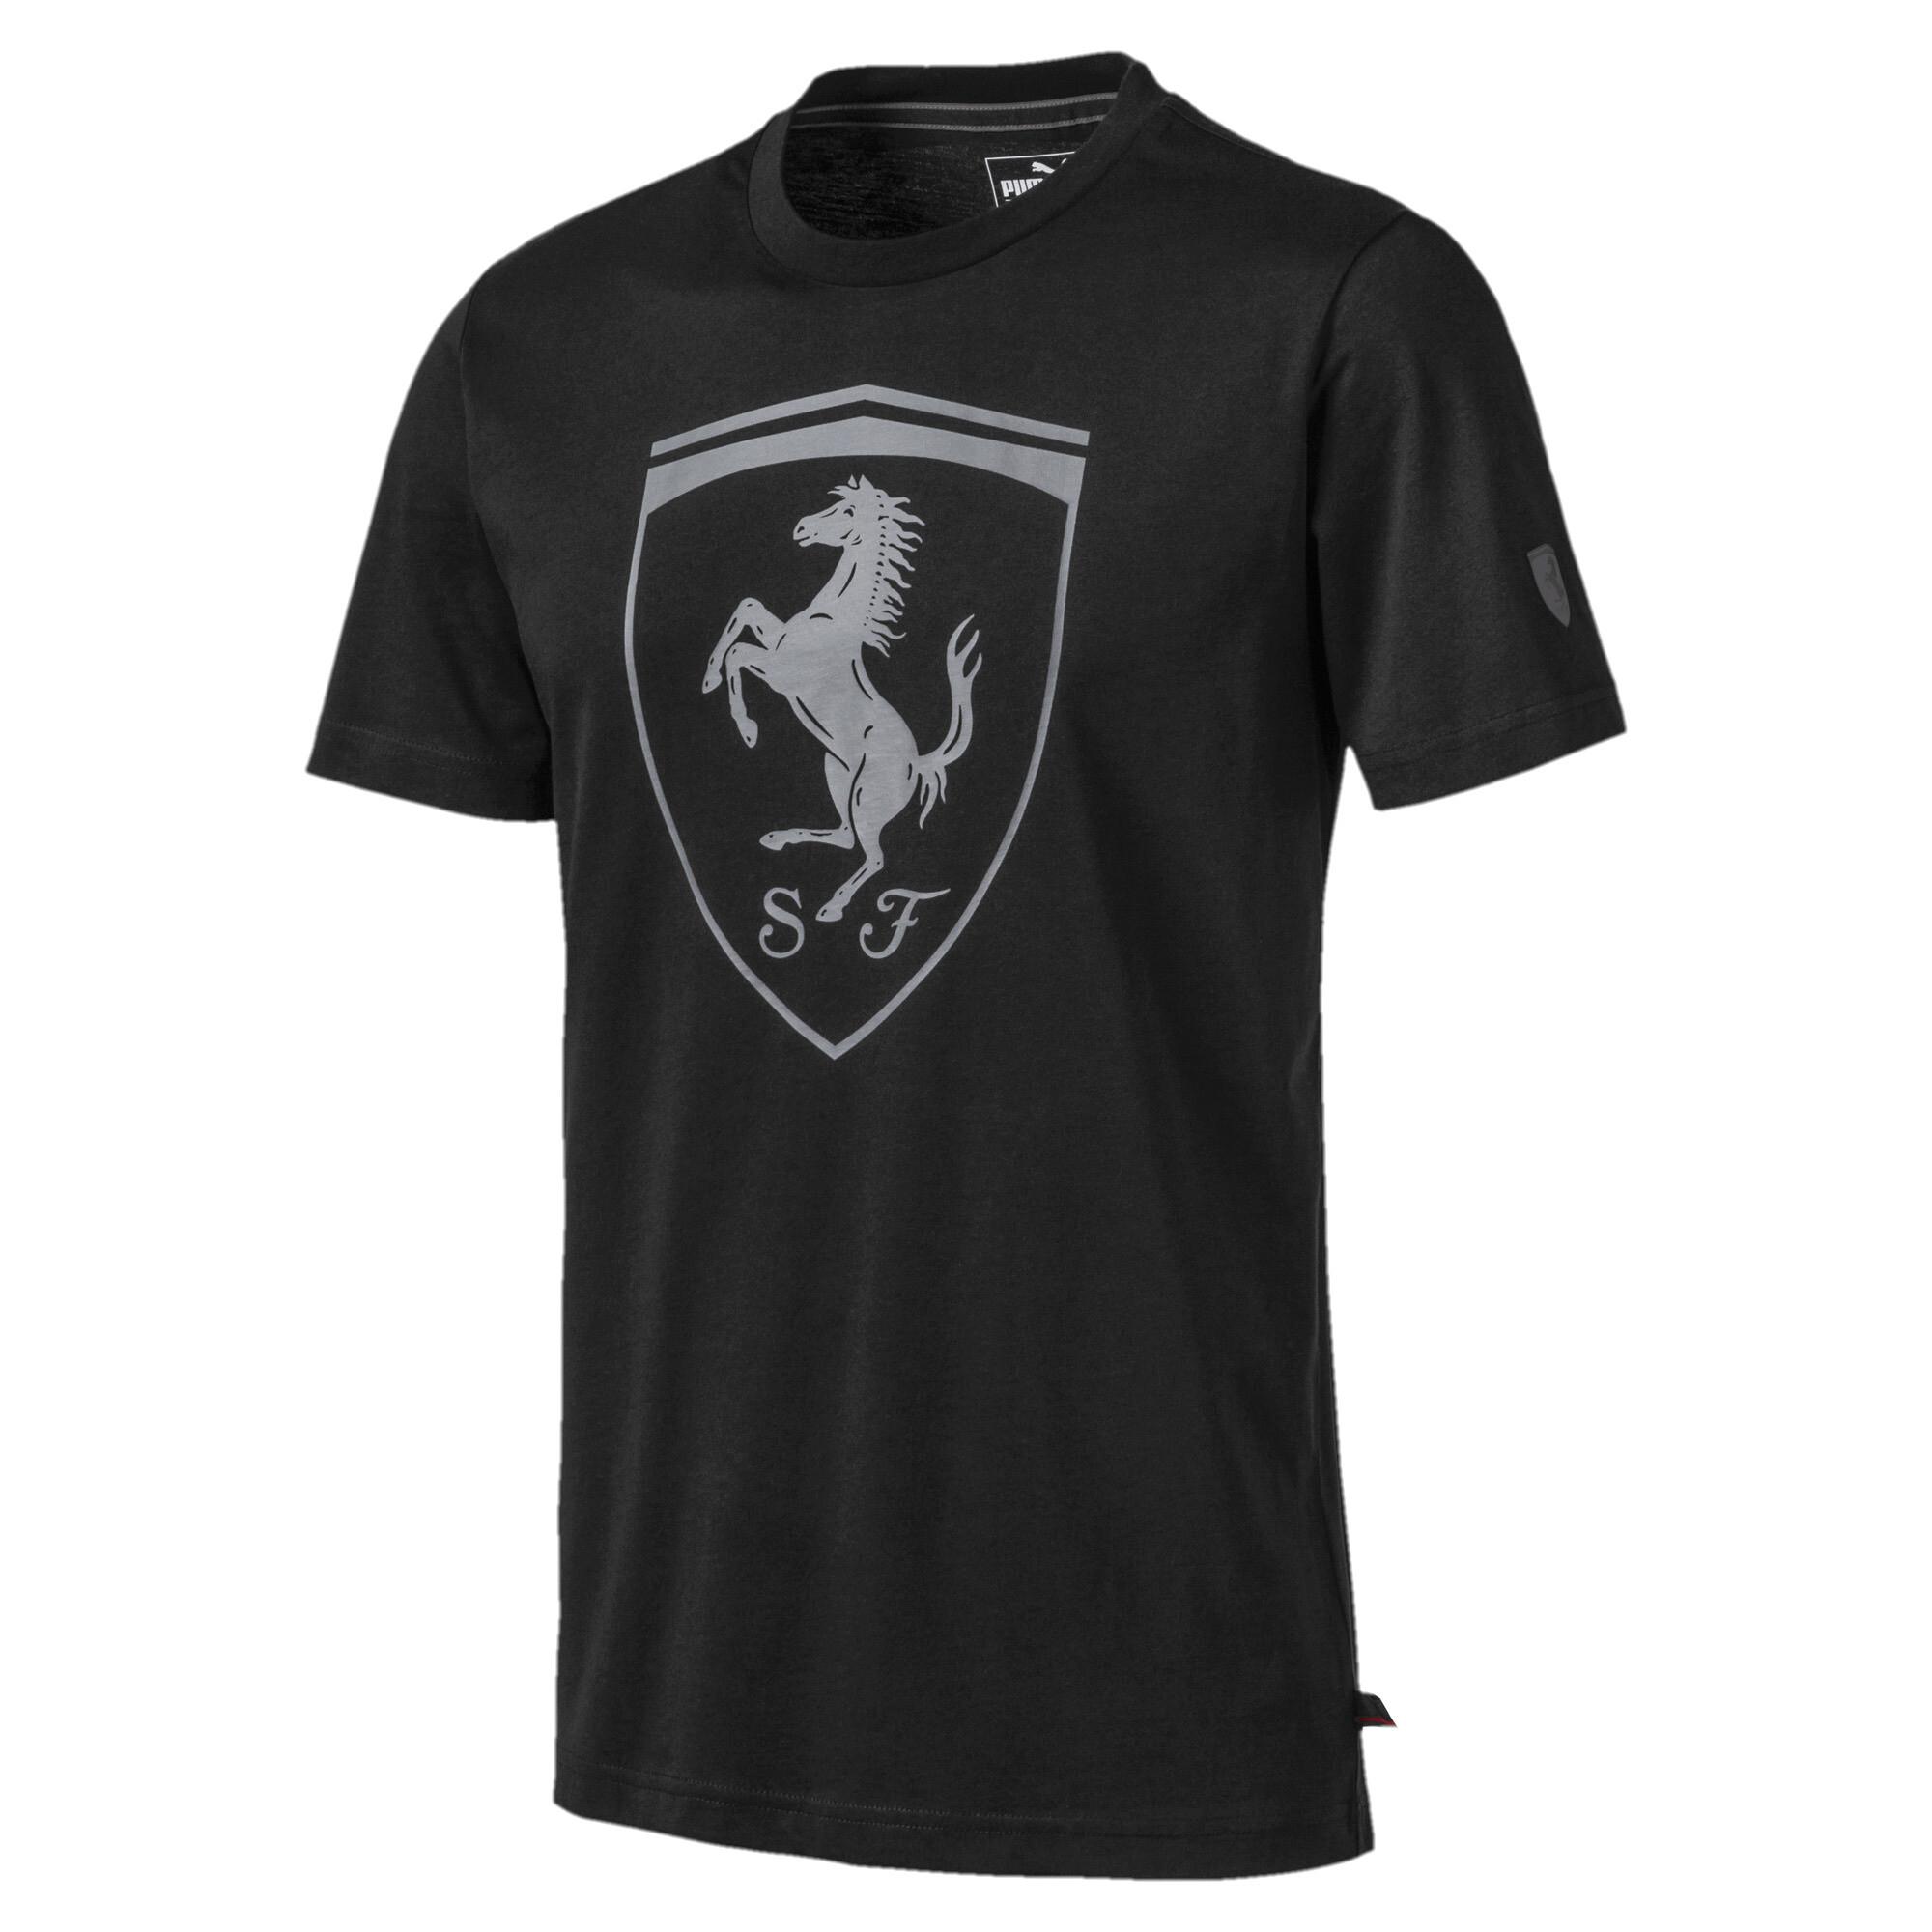 【プーマ公式通販】 プーマ フェラーリ ビッグ シールド Tシャツ 半袖 メンズ Puma Black |PUMA.com